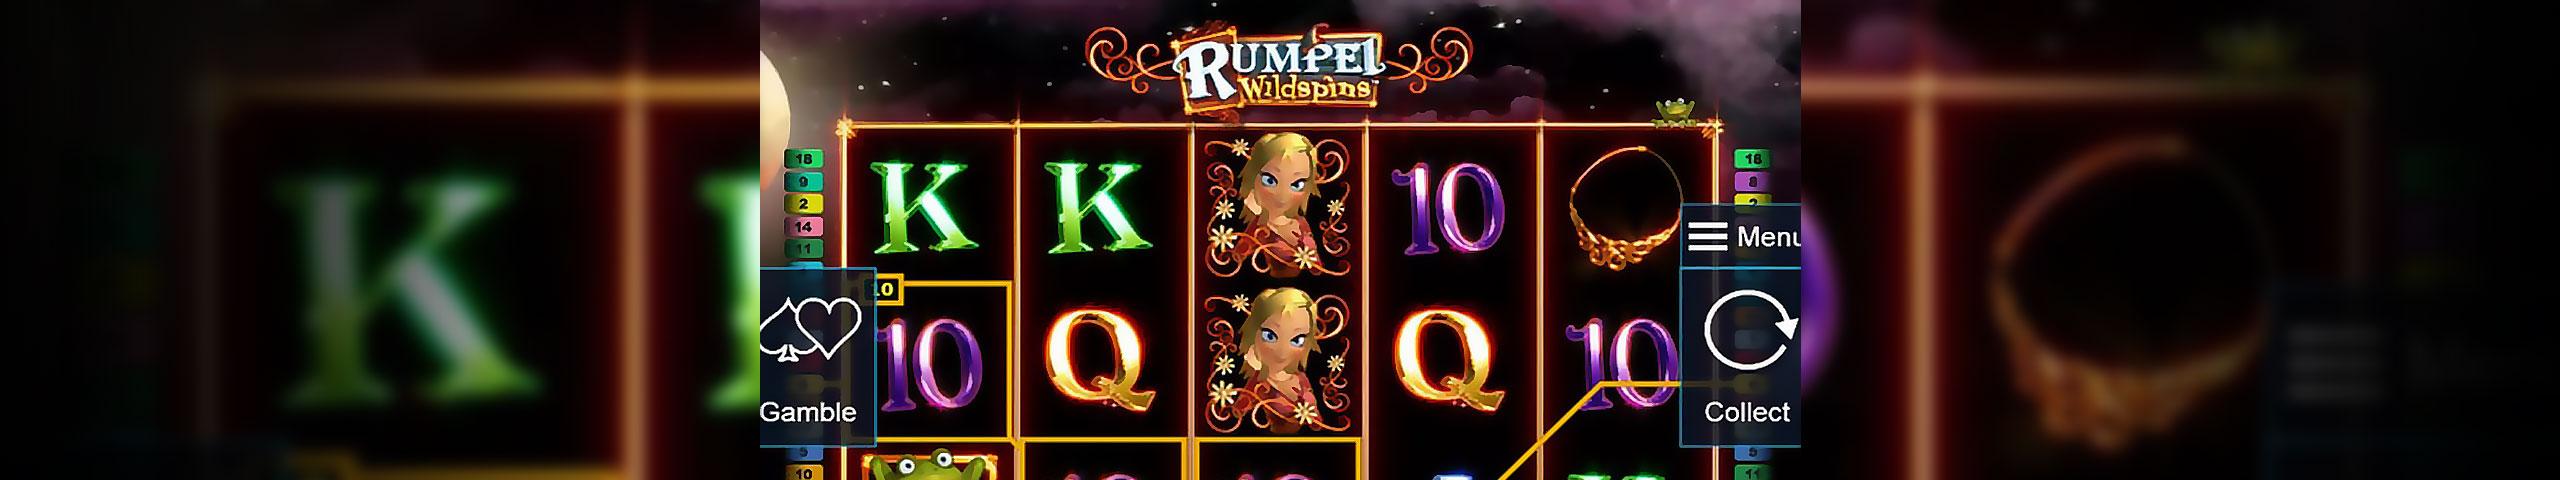 Spelautomater Rumpel Wildspins, Novomatic Slider - Wyrmspel.com